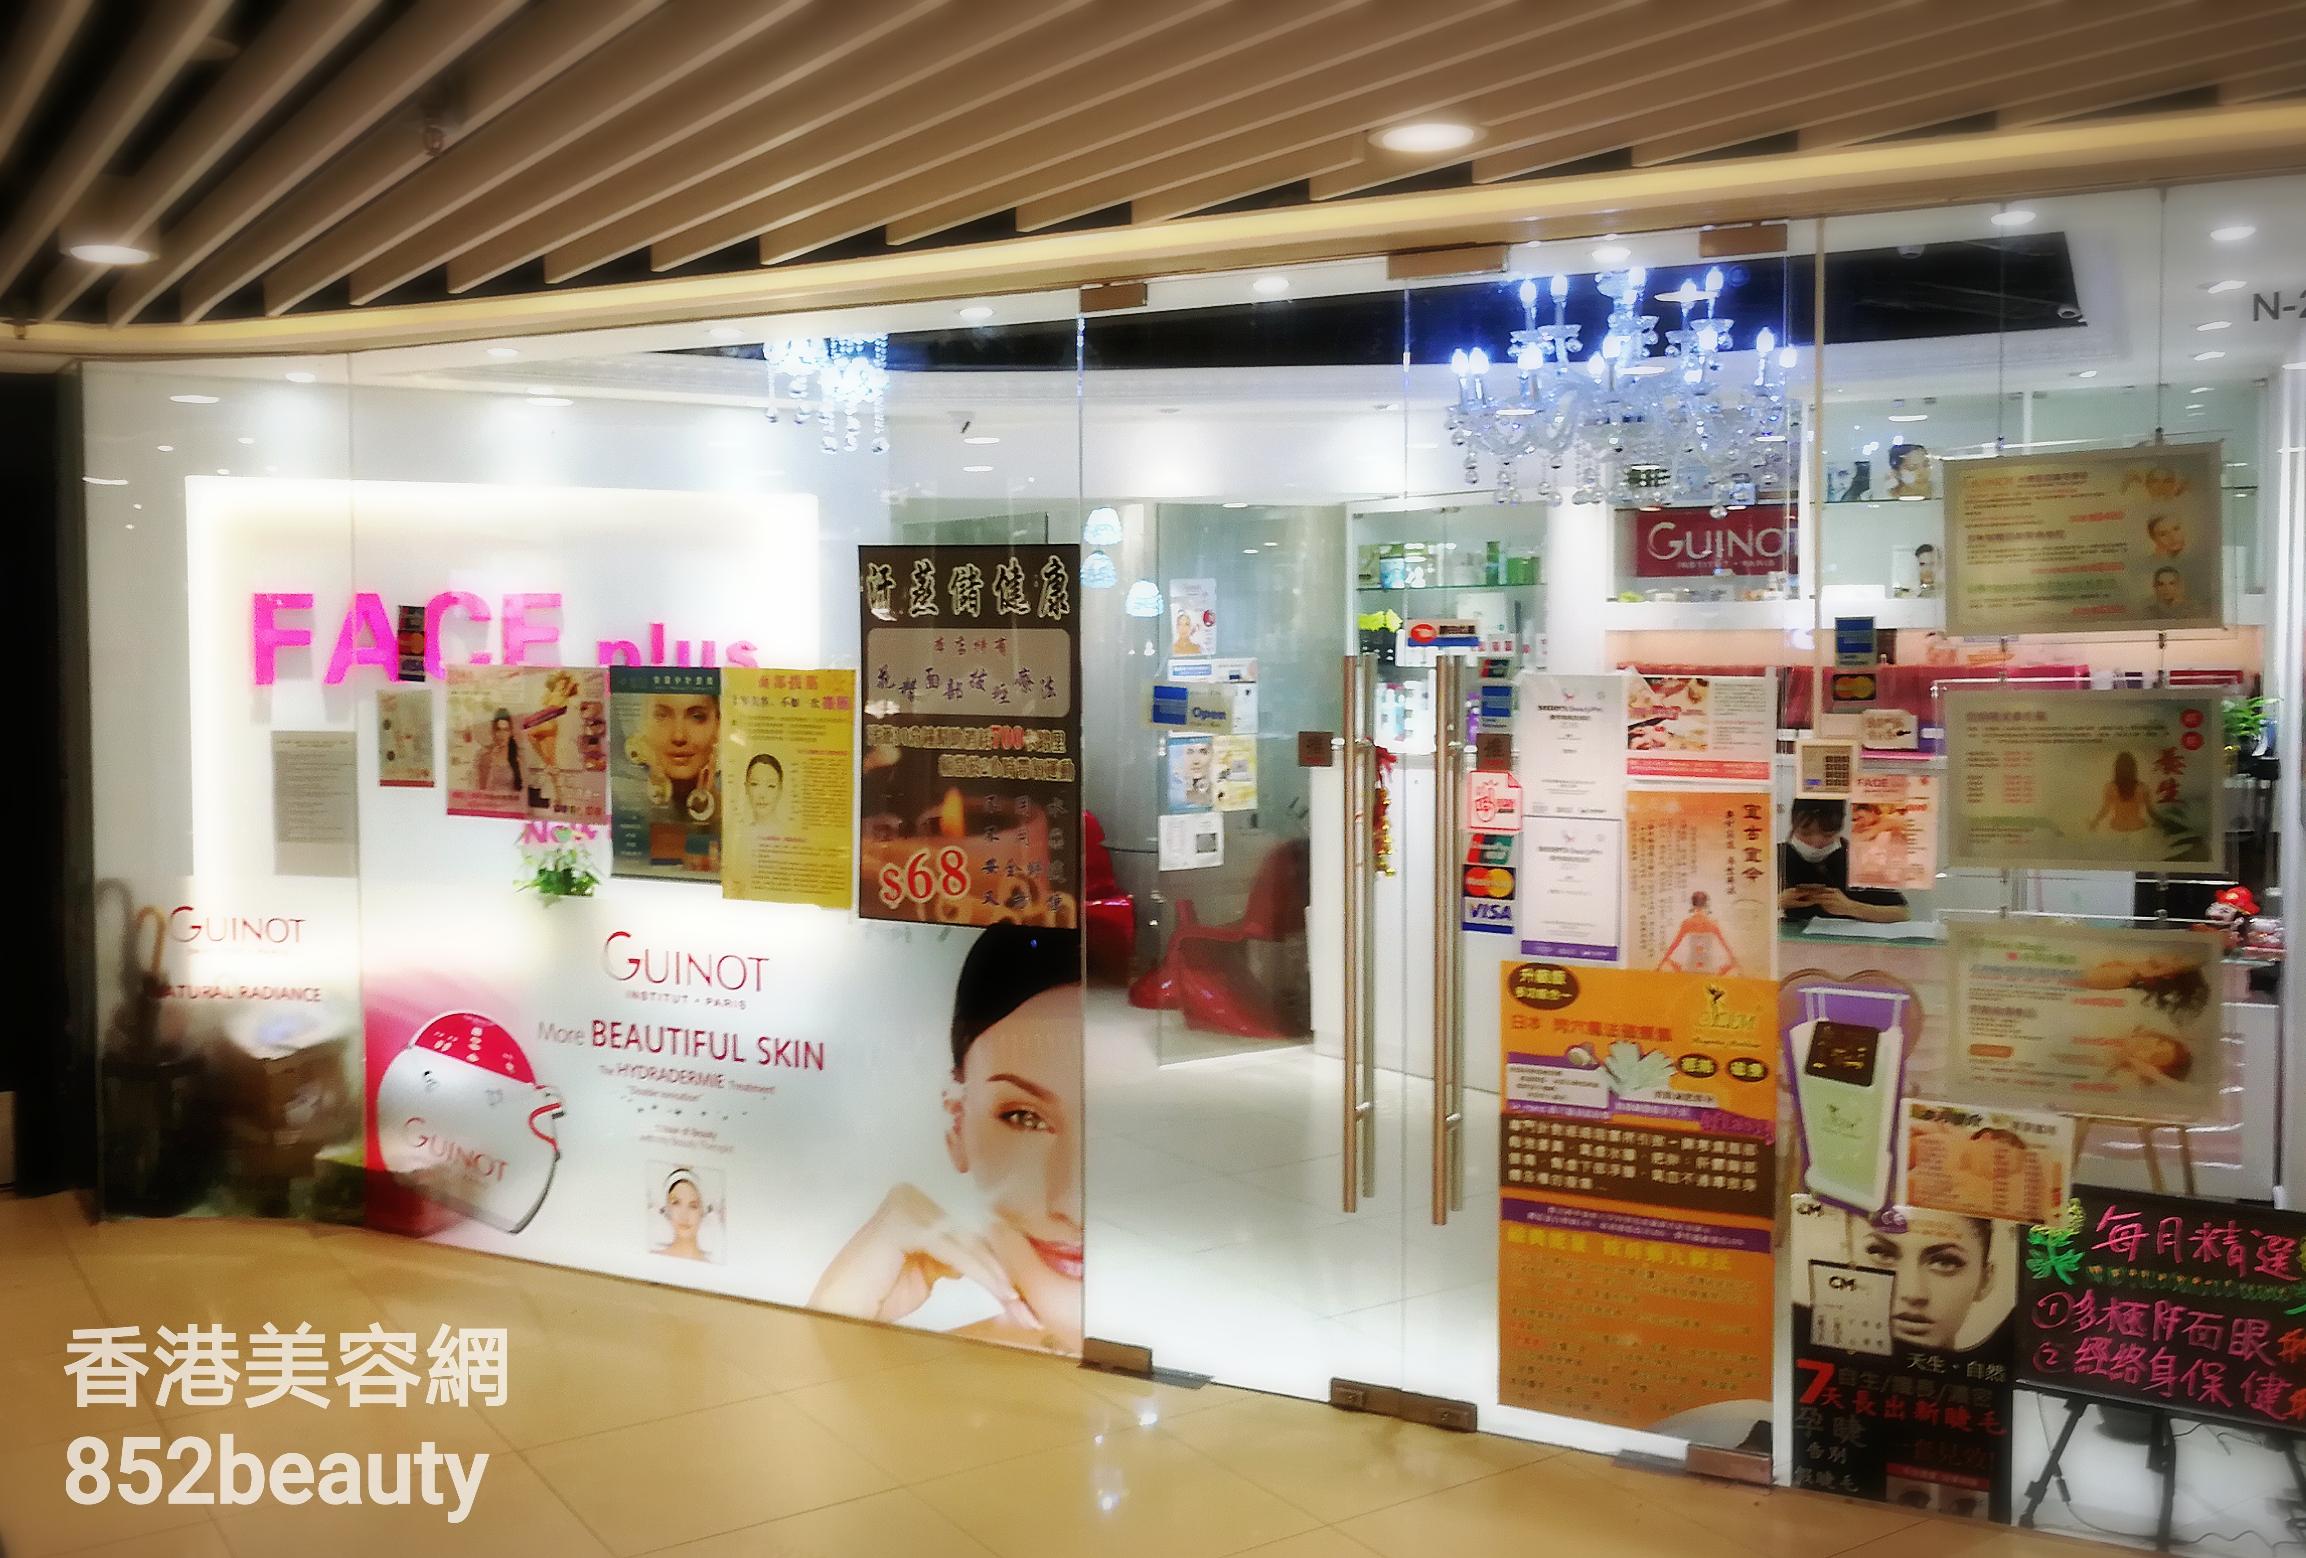 香港美容院 美容師 : FACE plus Beauty Centre 面蓉坊 @青年創業軍